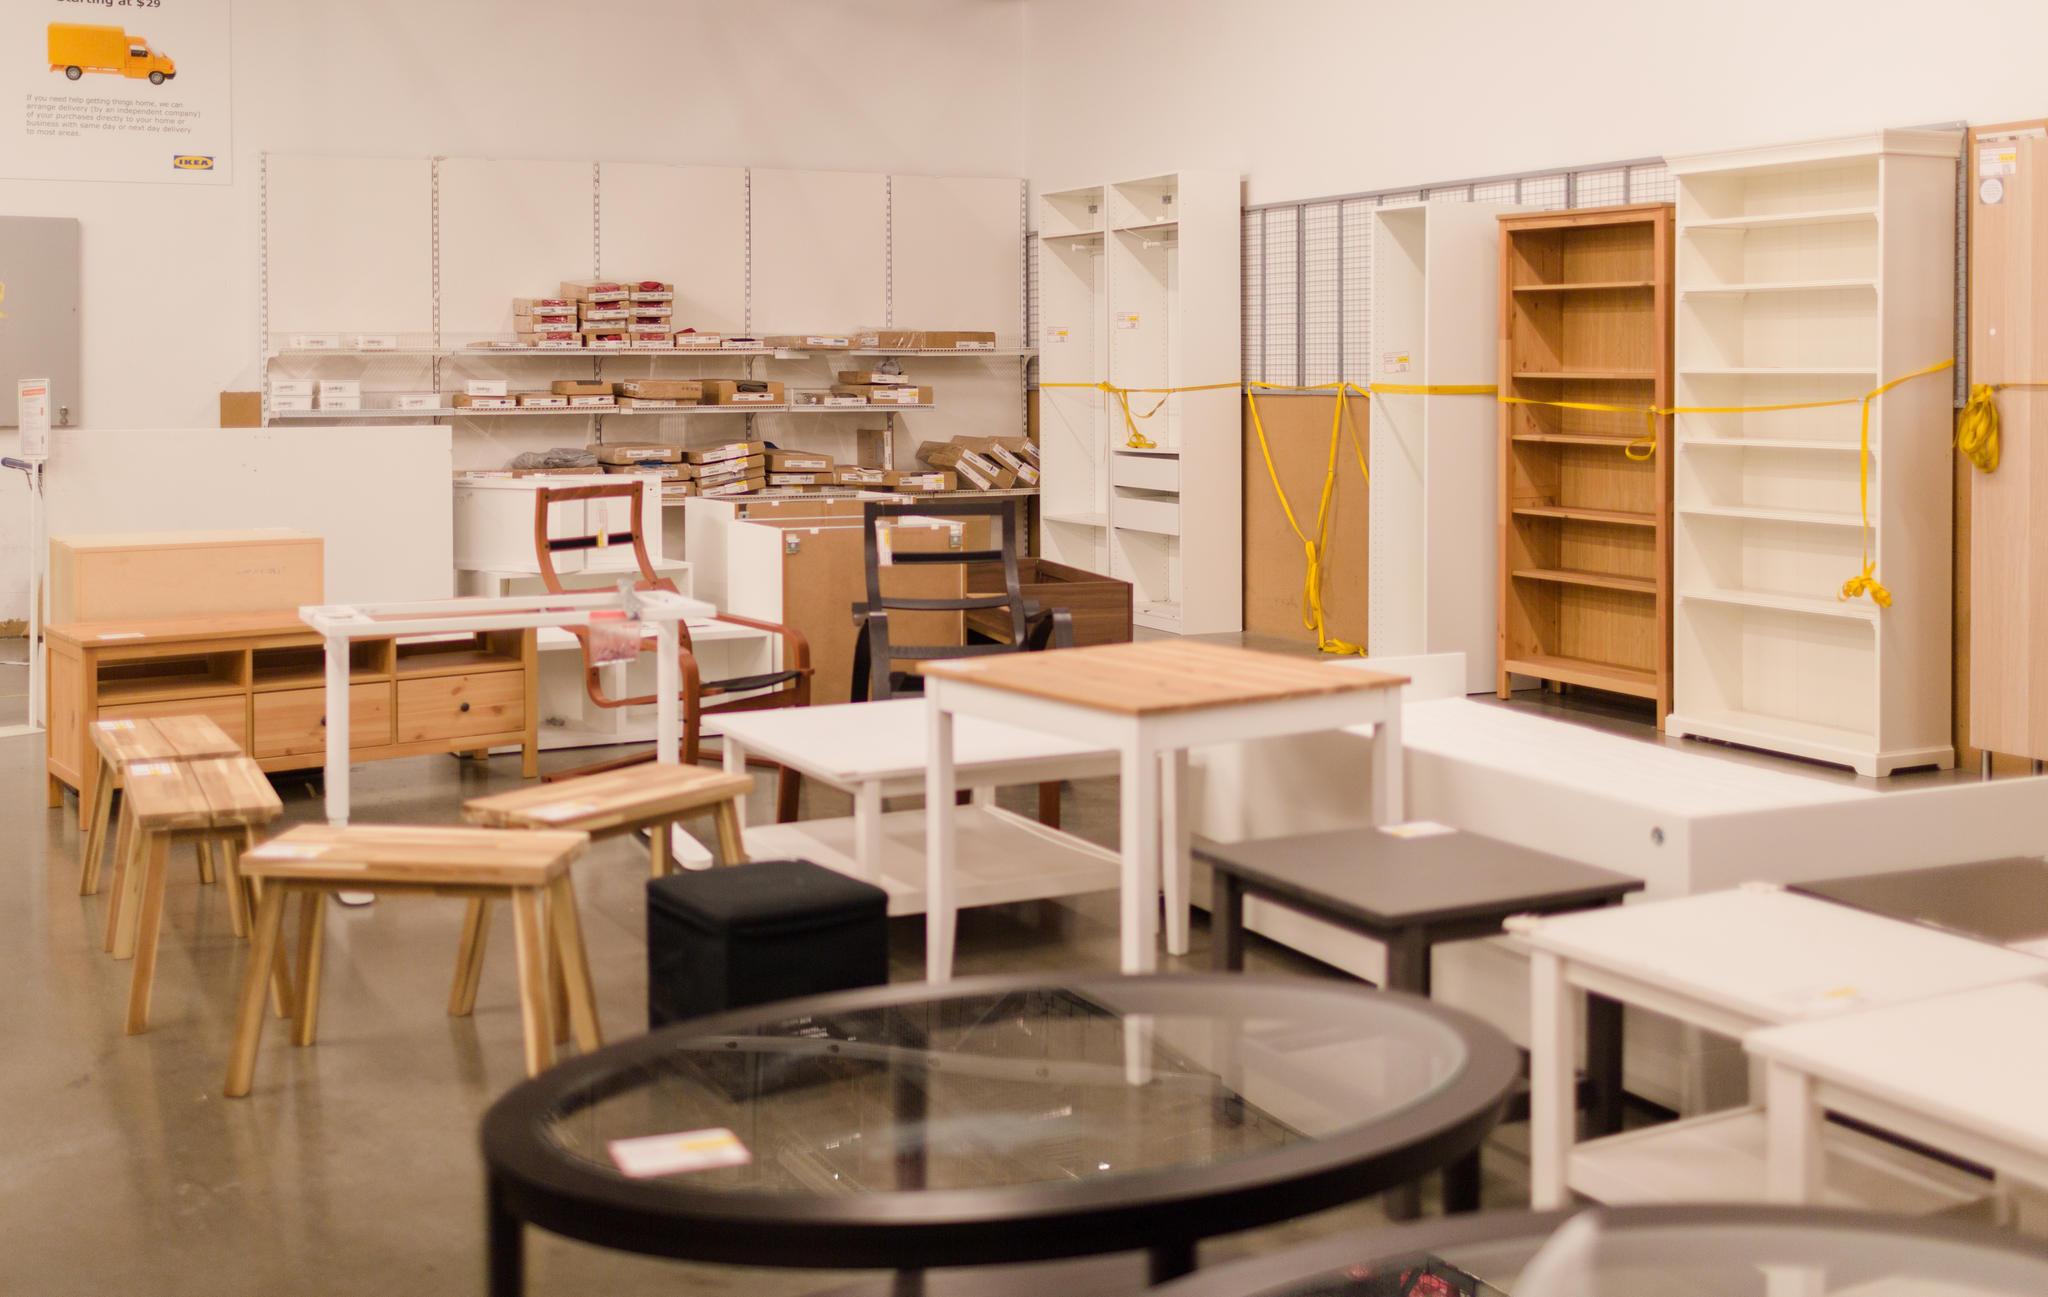 ikea verkauft ab september second hand m bel. Black Bedroom Furniture Sets. Home Design Ideas